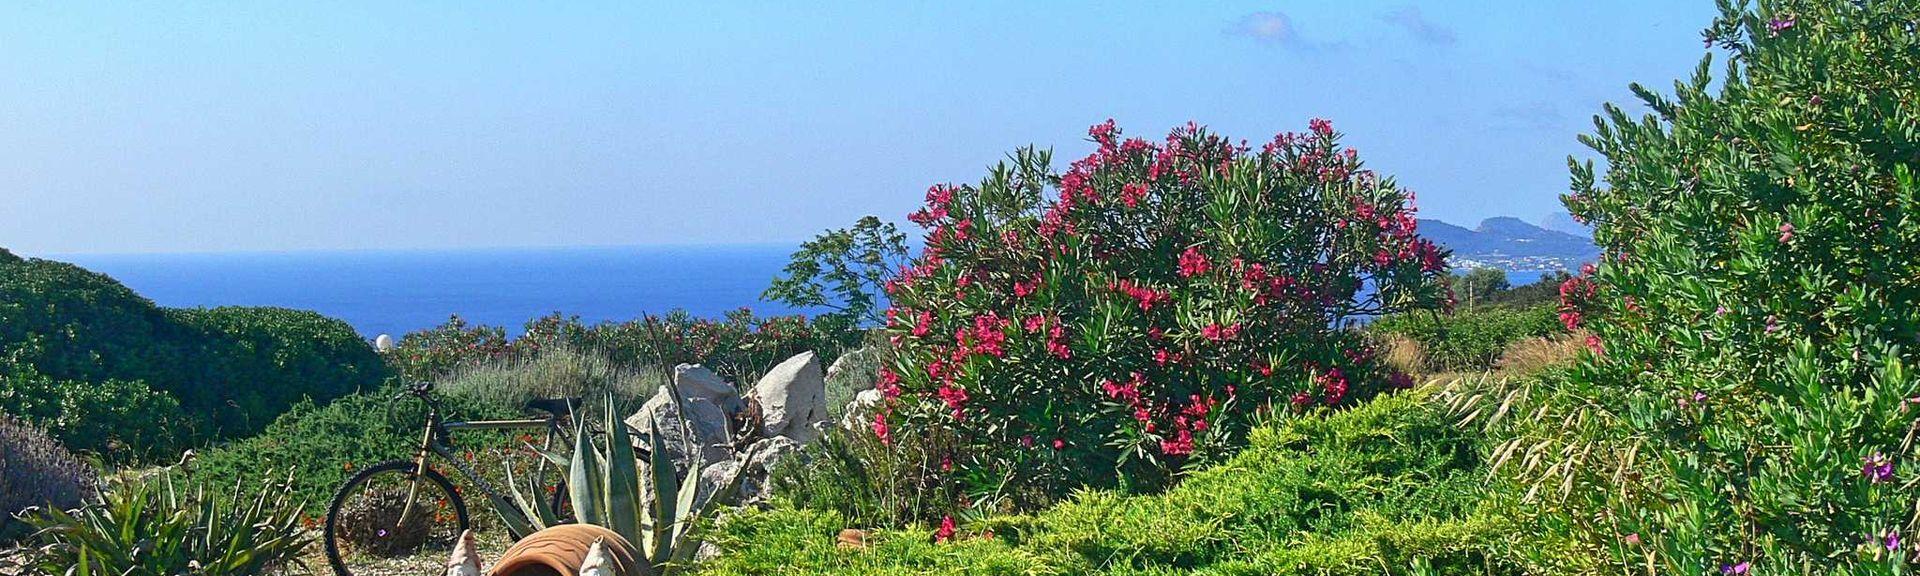 Ialisos, Islas del Egeo, Grecia